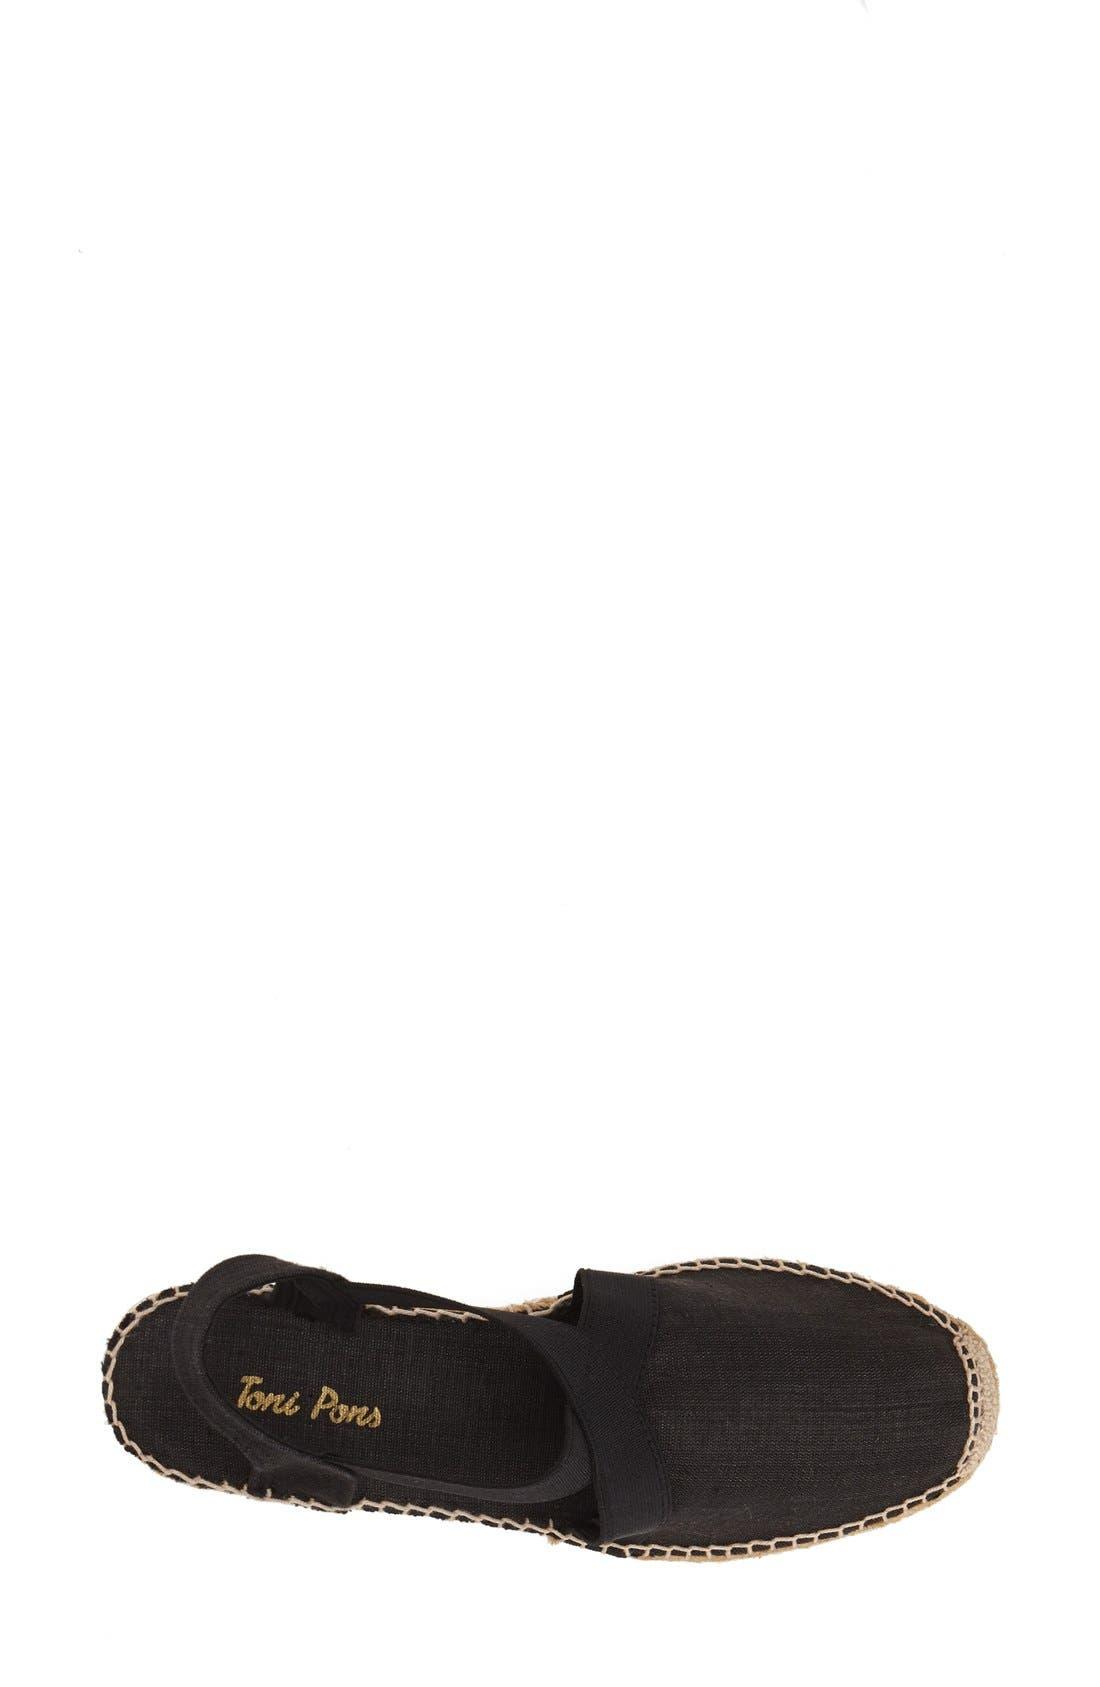 Alternate Image 3  - Toni Pons 'Vic' Espadrille Slingback Sandal (Women)